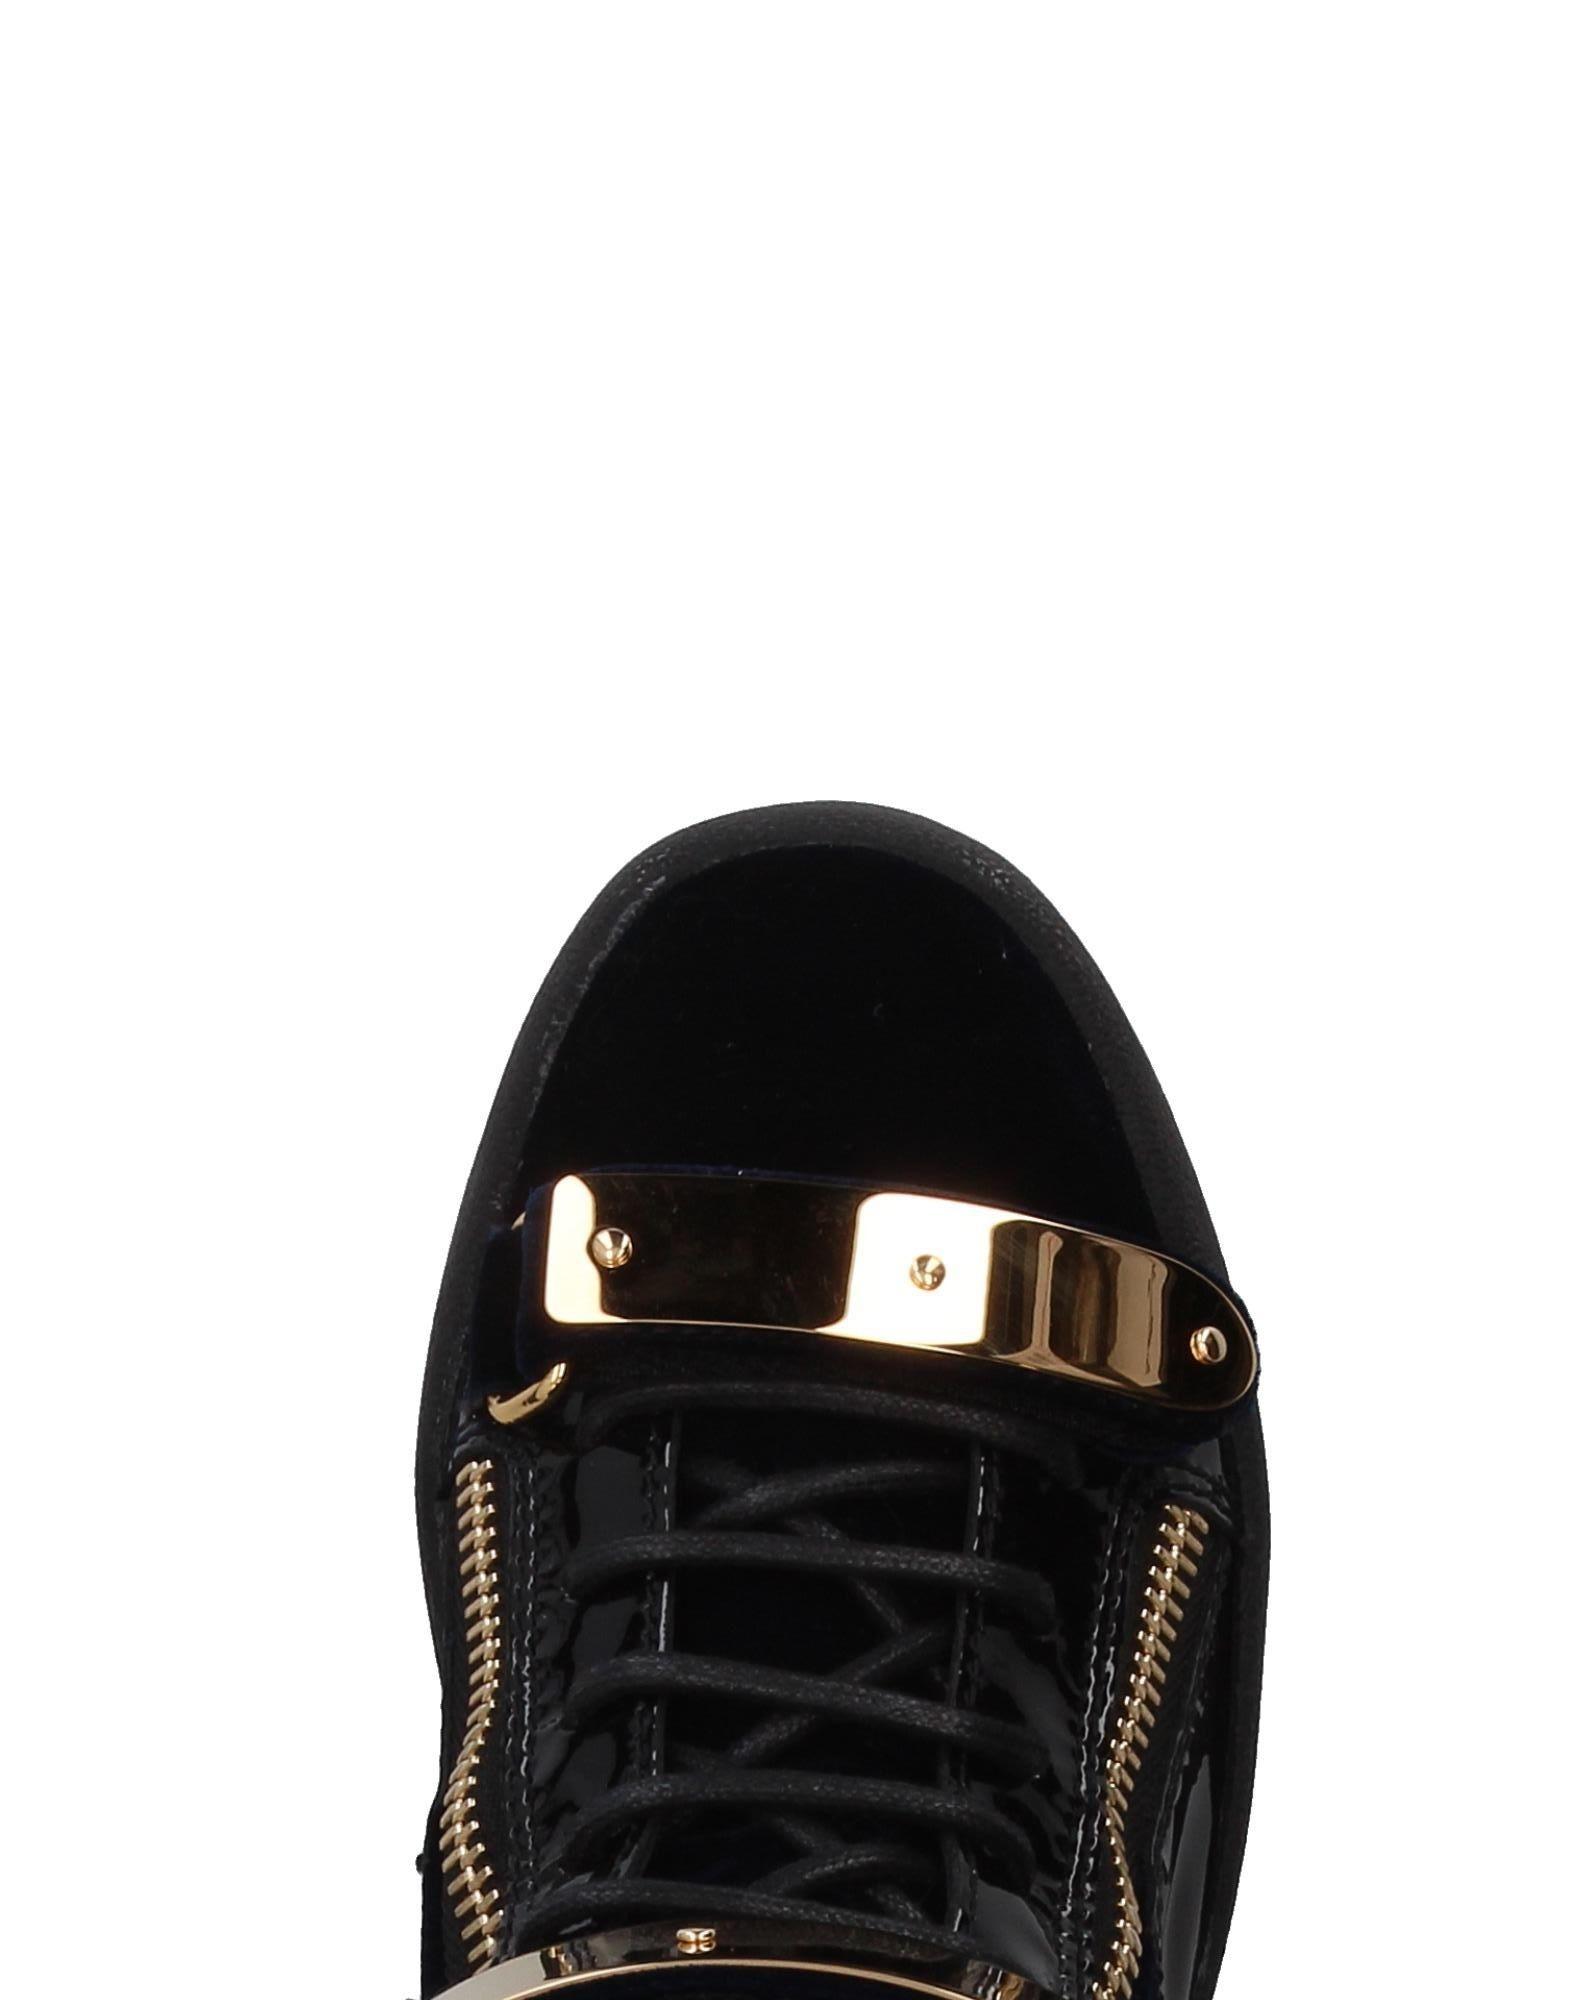 Giuseppe Giuseppe Giuseppe Zanotti Sneakers Damen  11396817VJ Neue Schuhe 72b69a